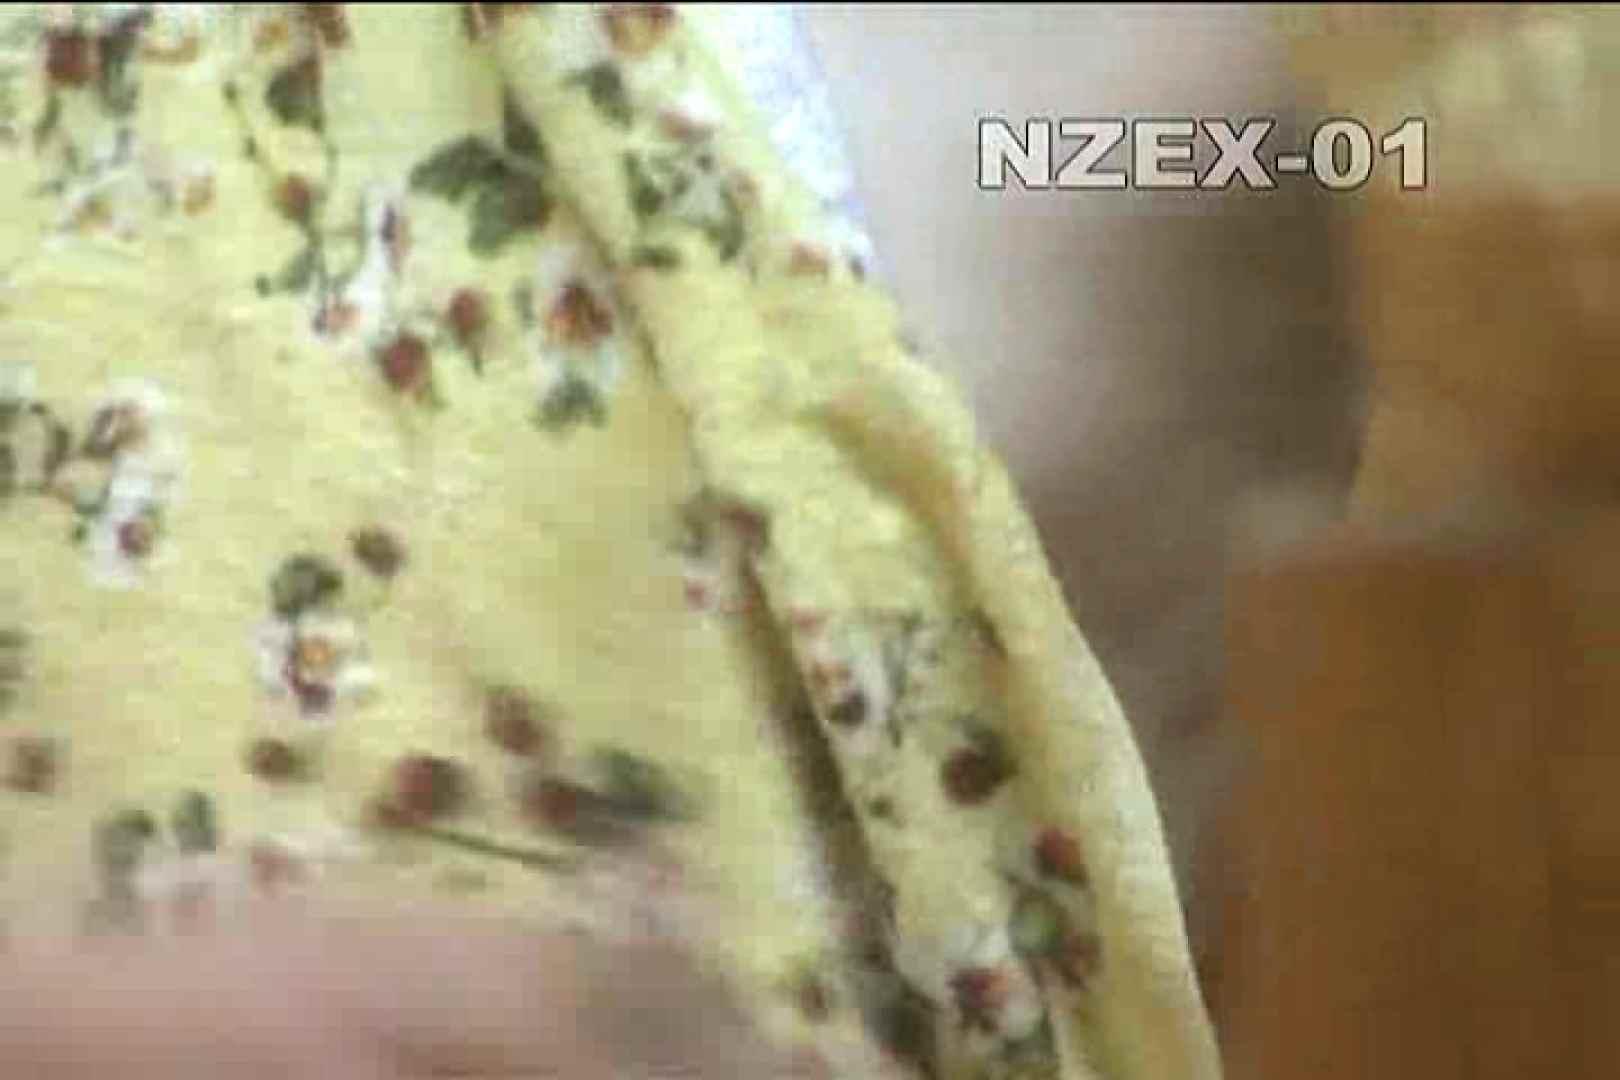 覗き穴 nzex-01_01 覗き  90PIX 65